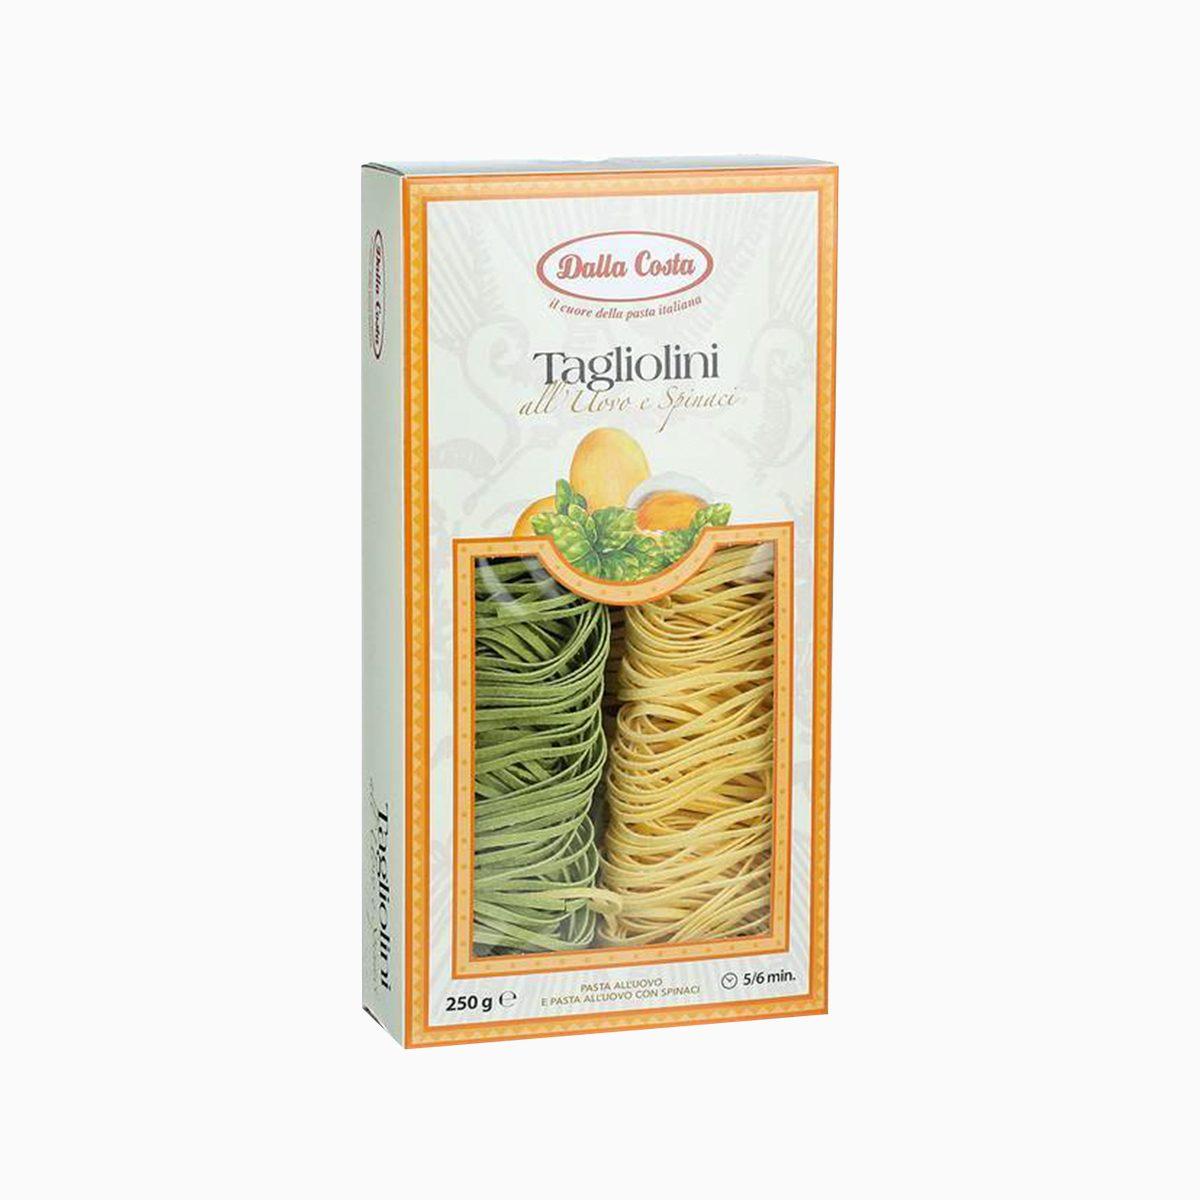 Макароны Тальолини с яйцом и шпинатом, Dalla Costa, 250 гр